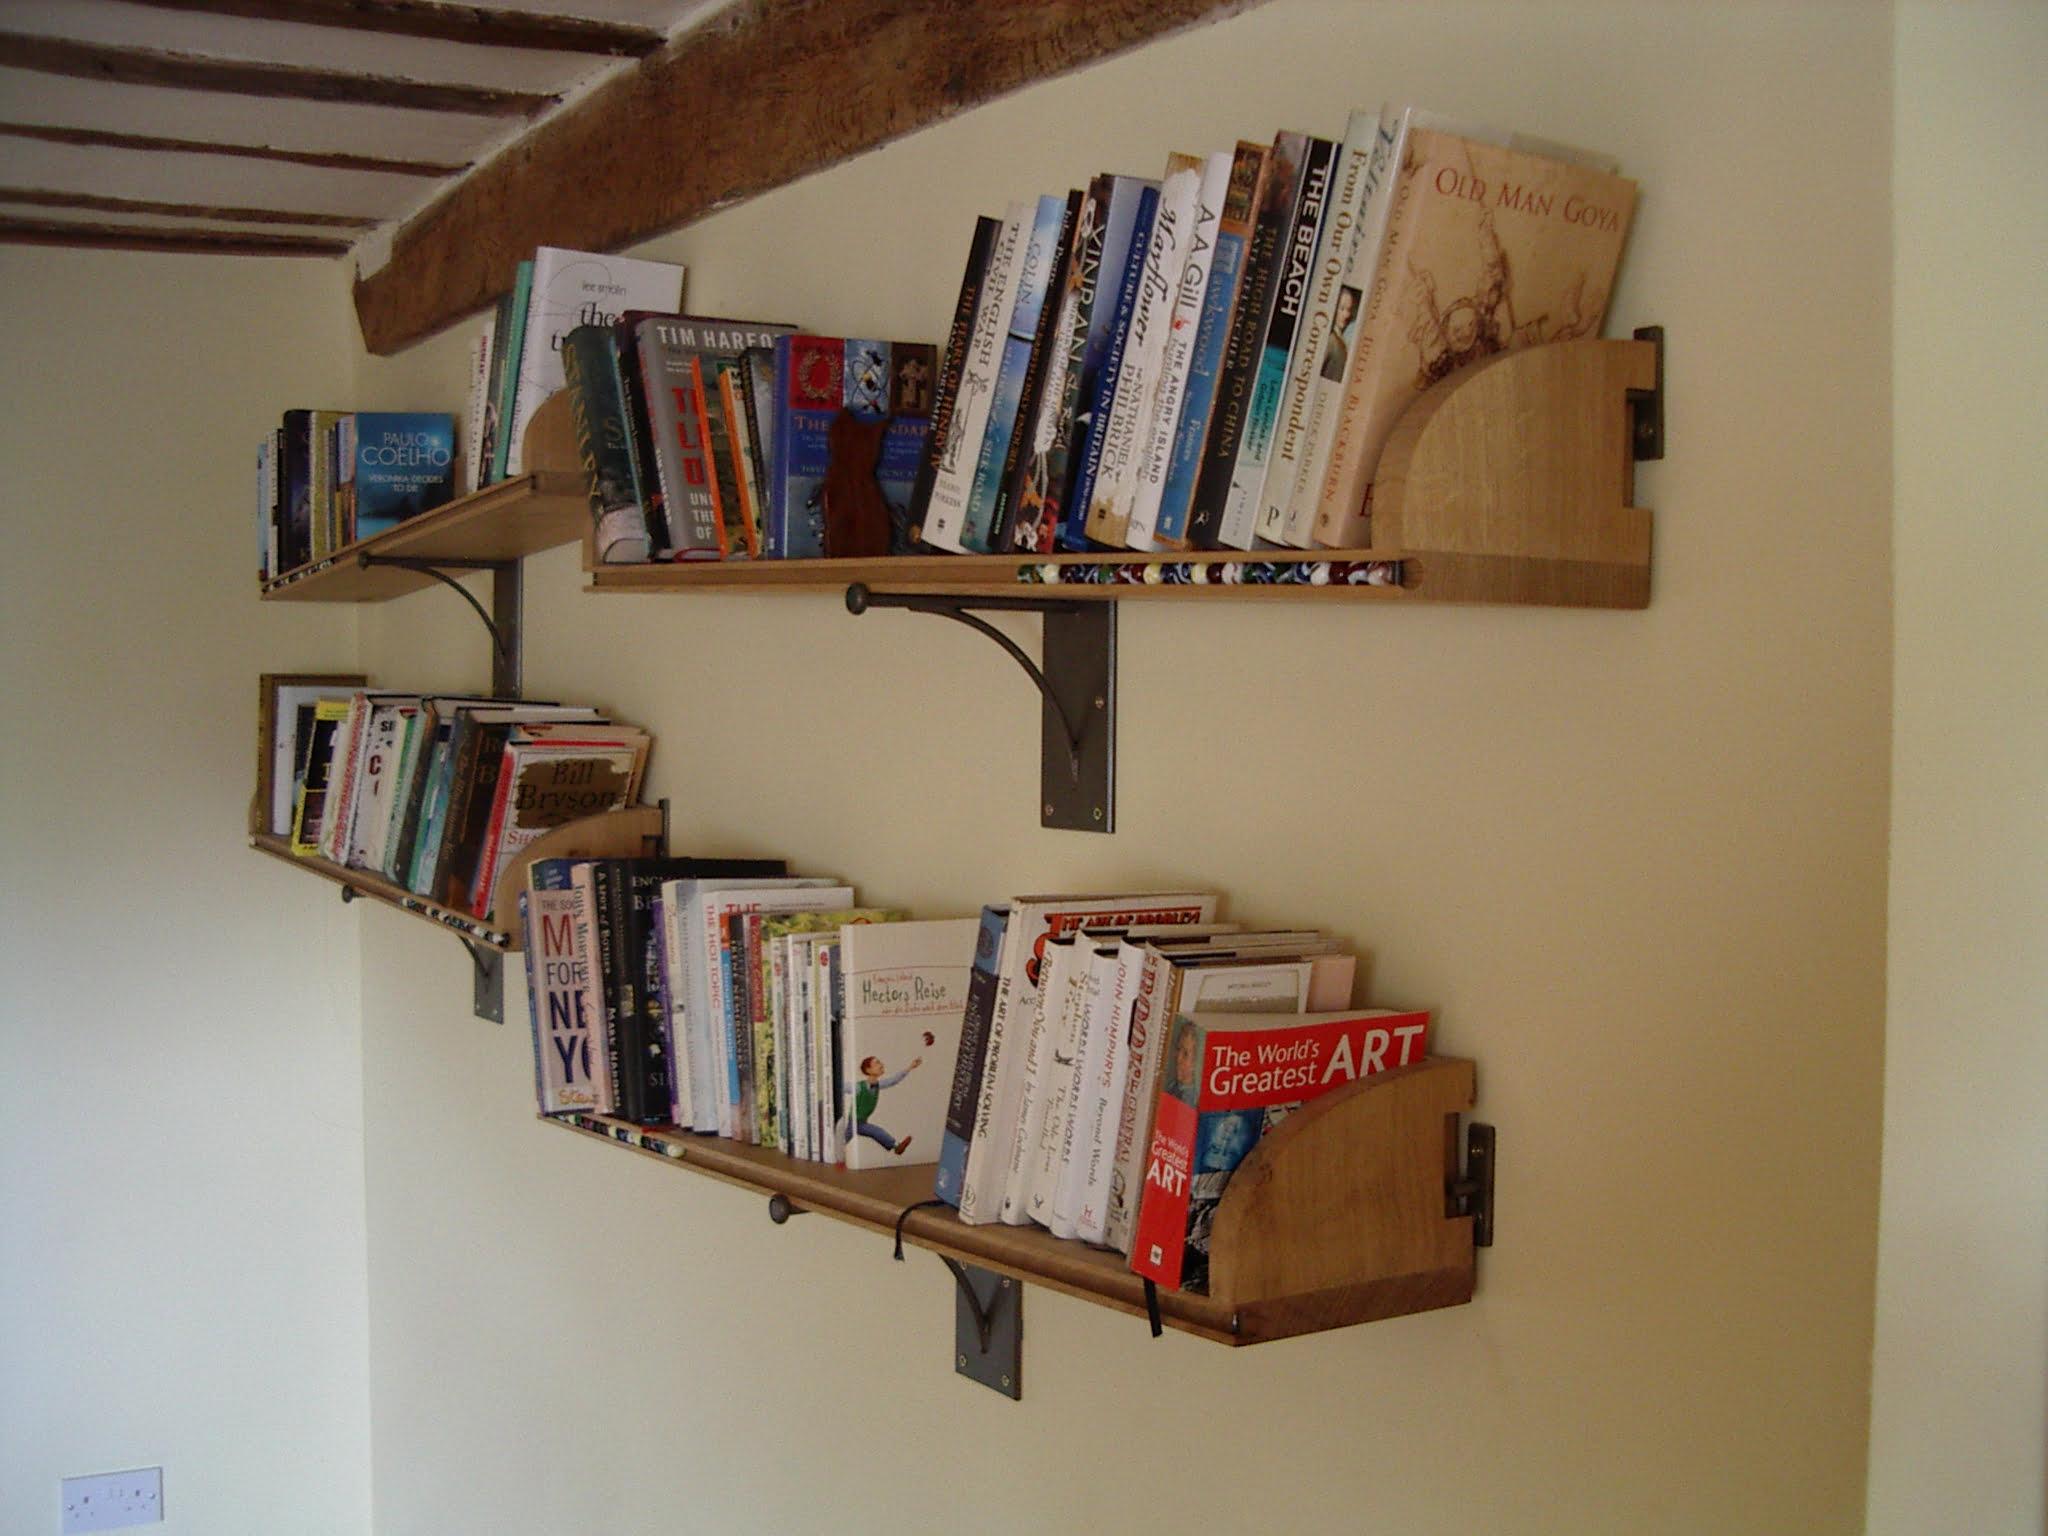 see-saw oak bookshelf